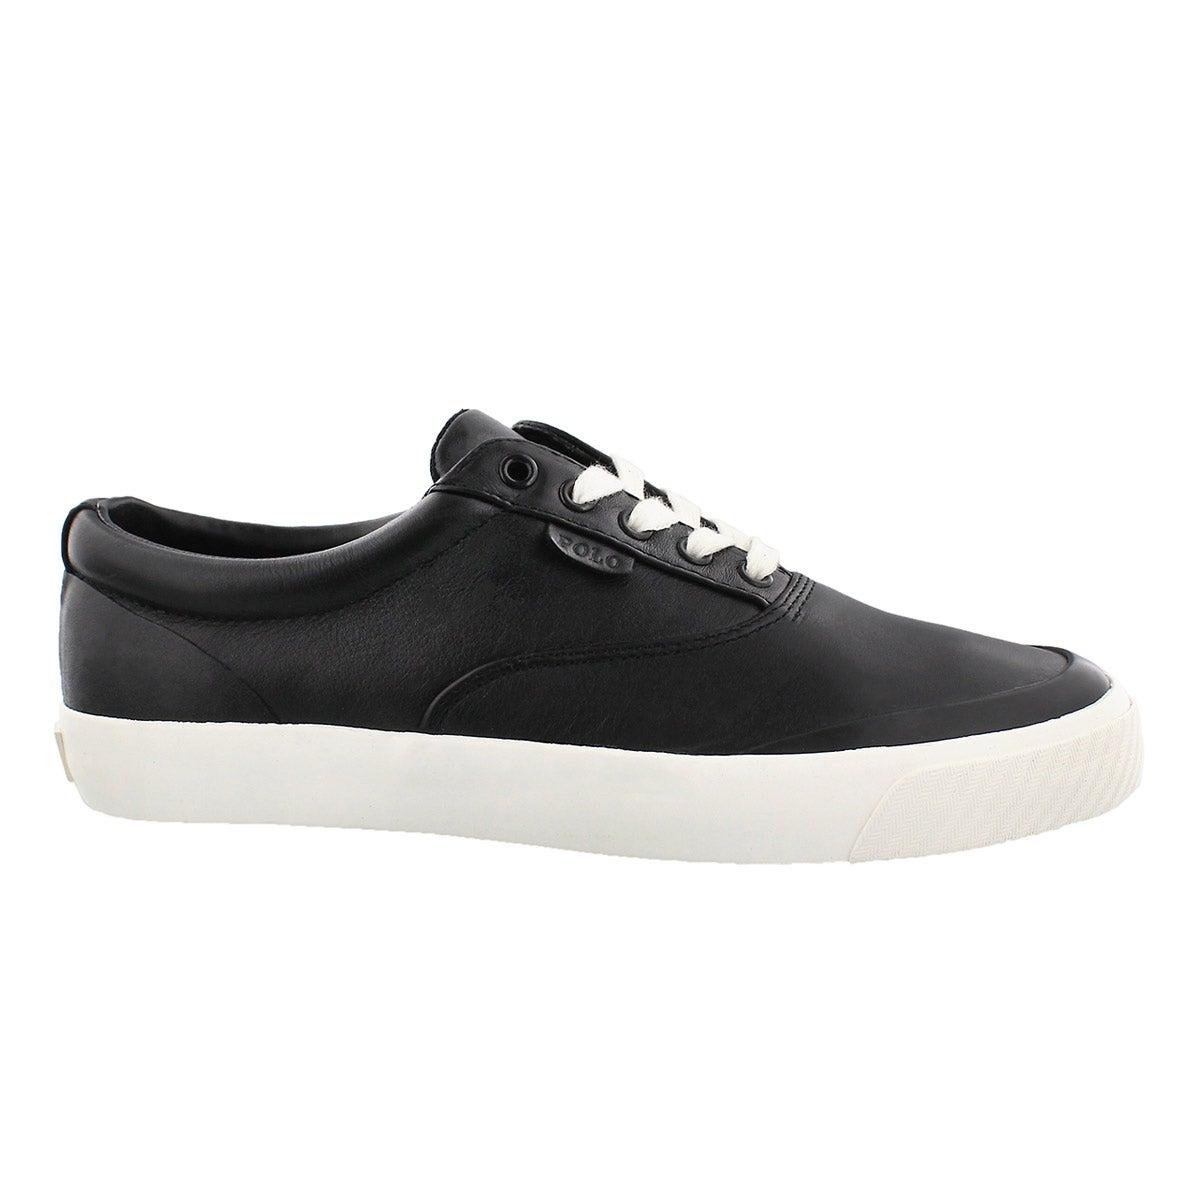 Mns Izzah black lace up sneaker